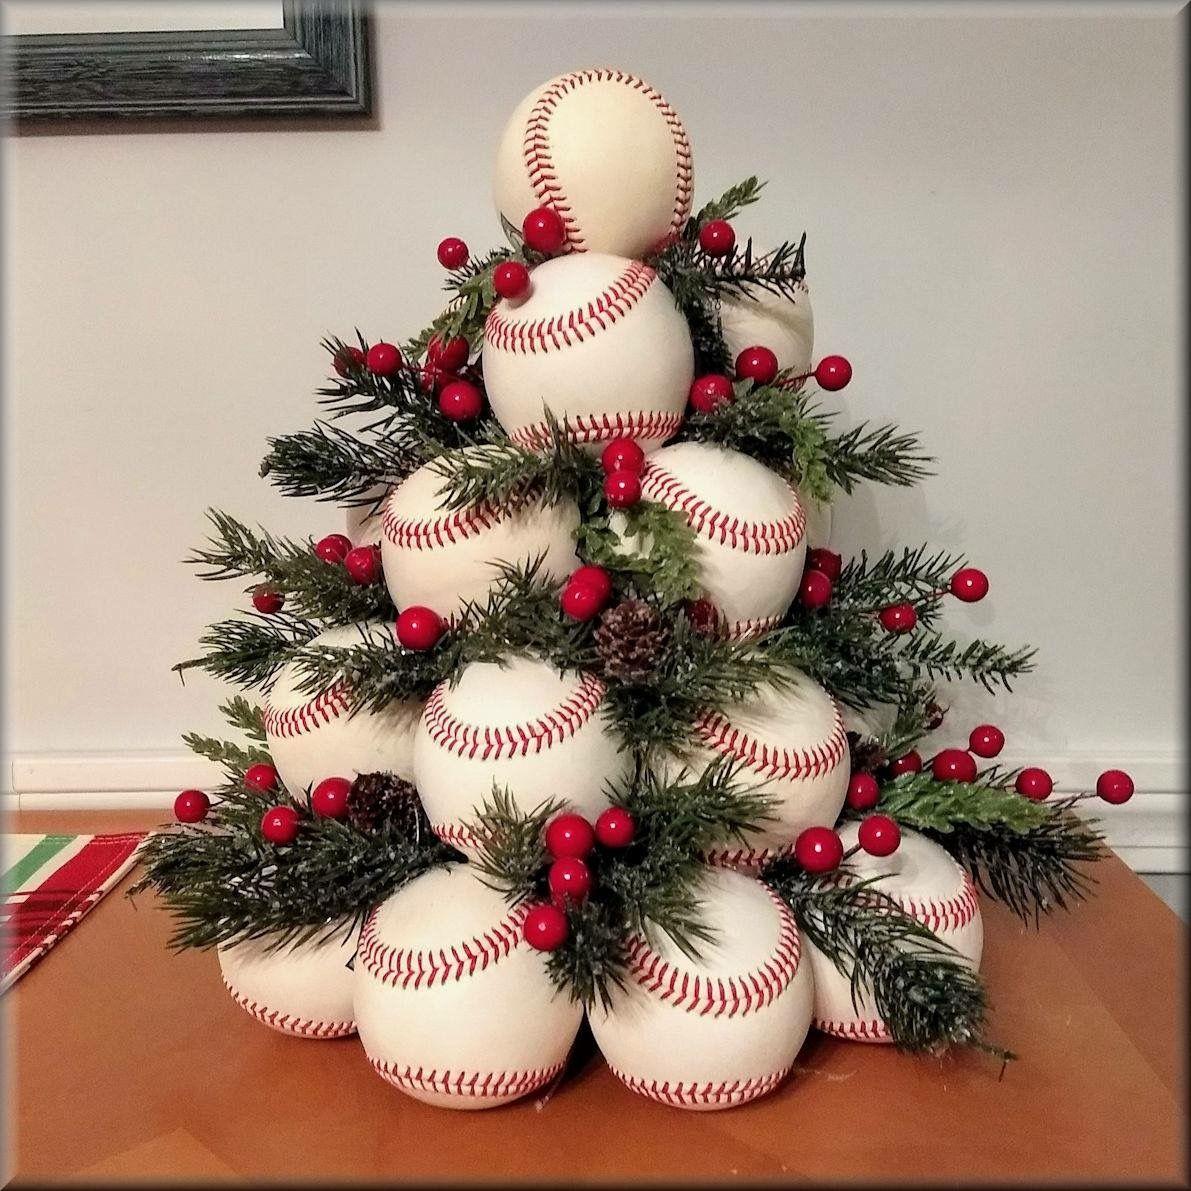 Baseball Christmas Tree Affordable Christmas Decorations Baseball Christmas Tree Diy Christmas Tree